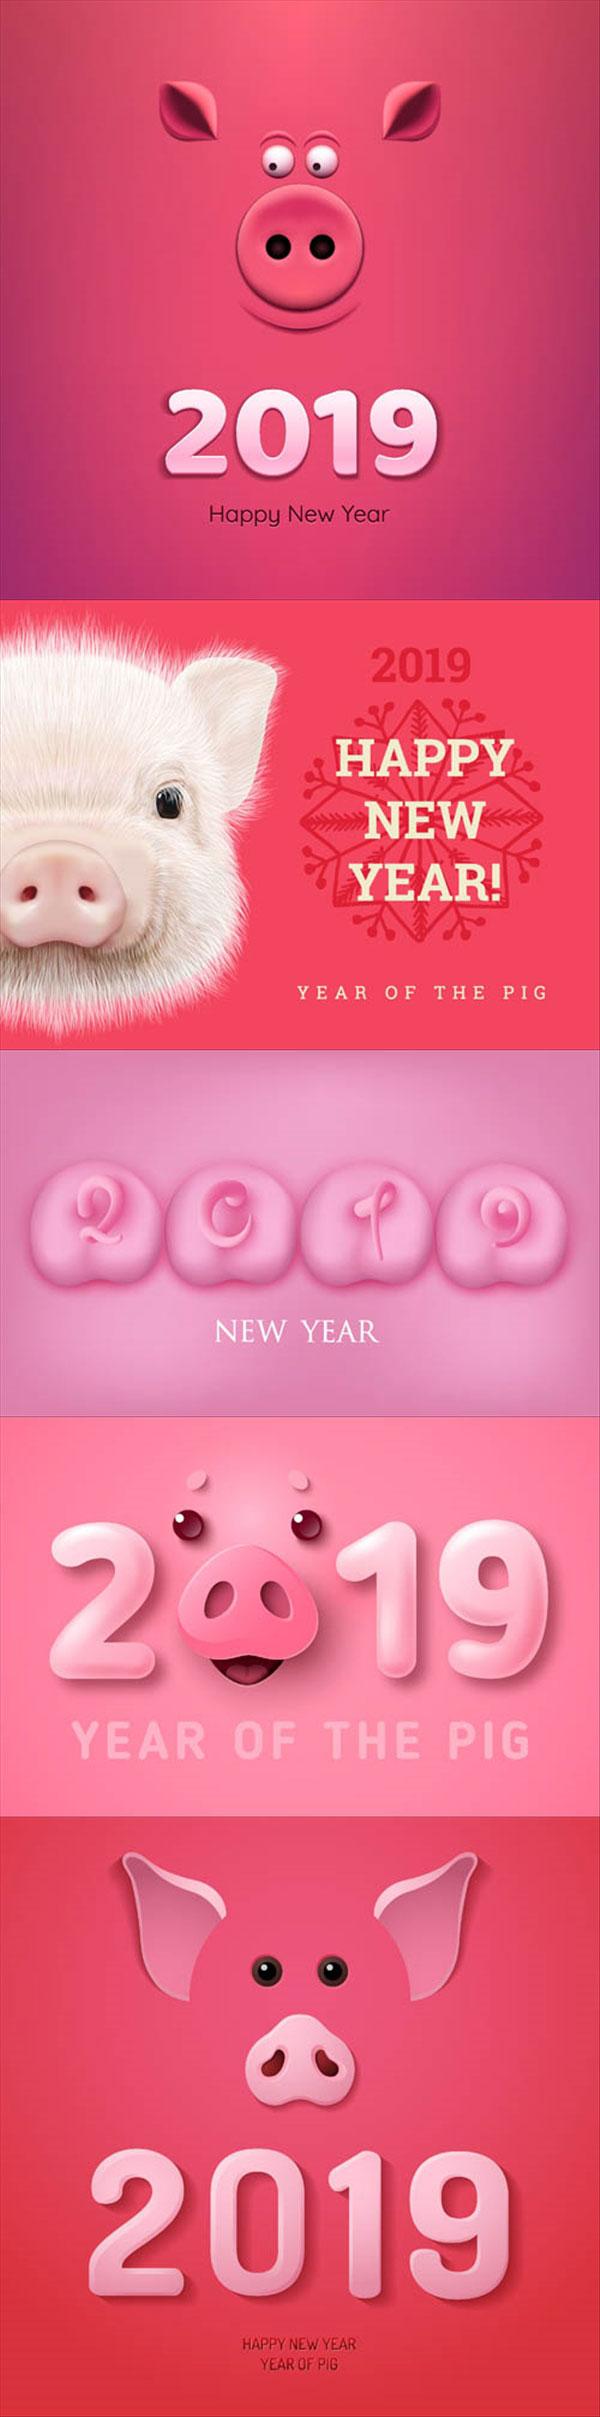 素材分类: 元素插画所需点数: 3 点 关键词: 可爱猪头卡通创意新年